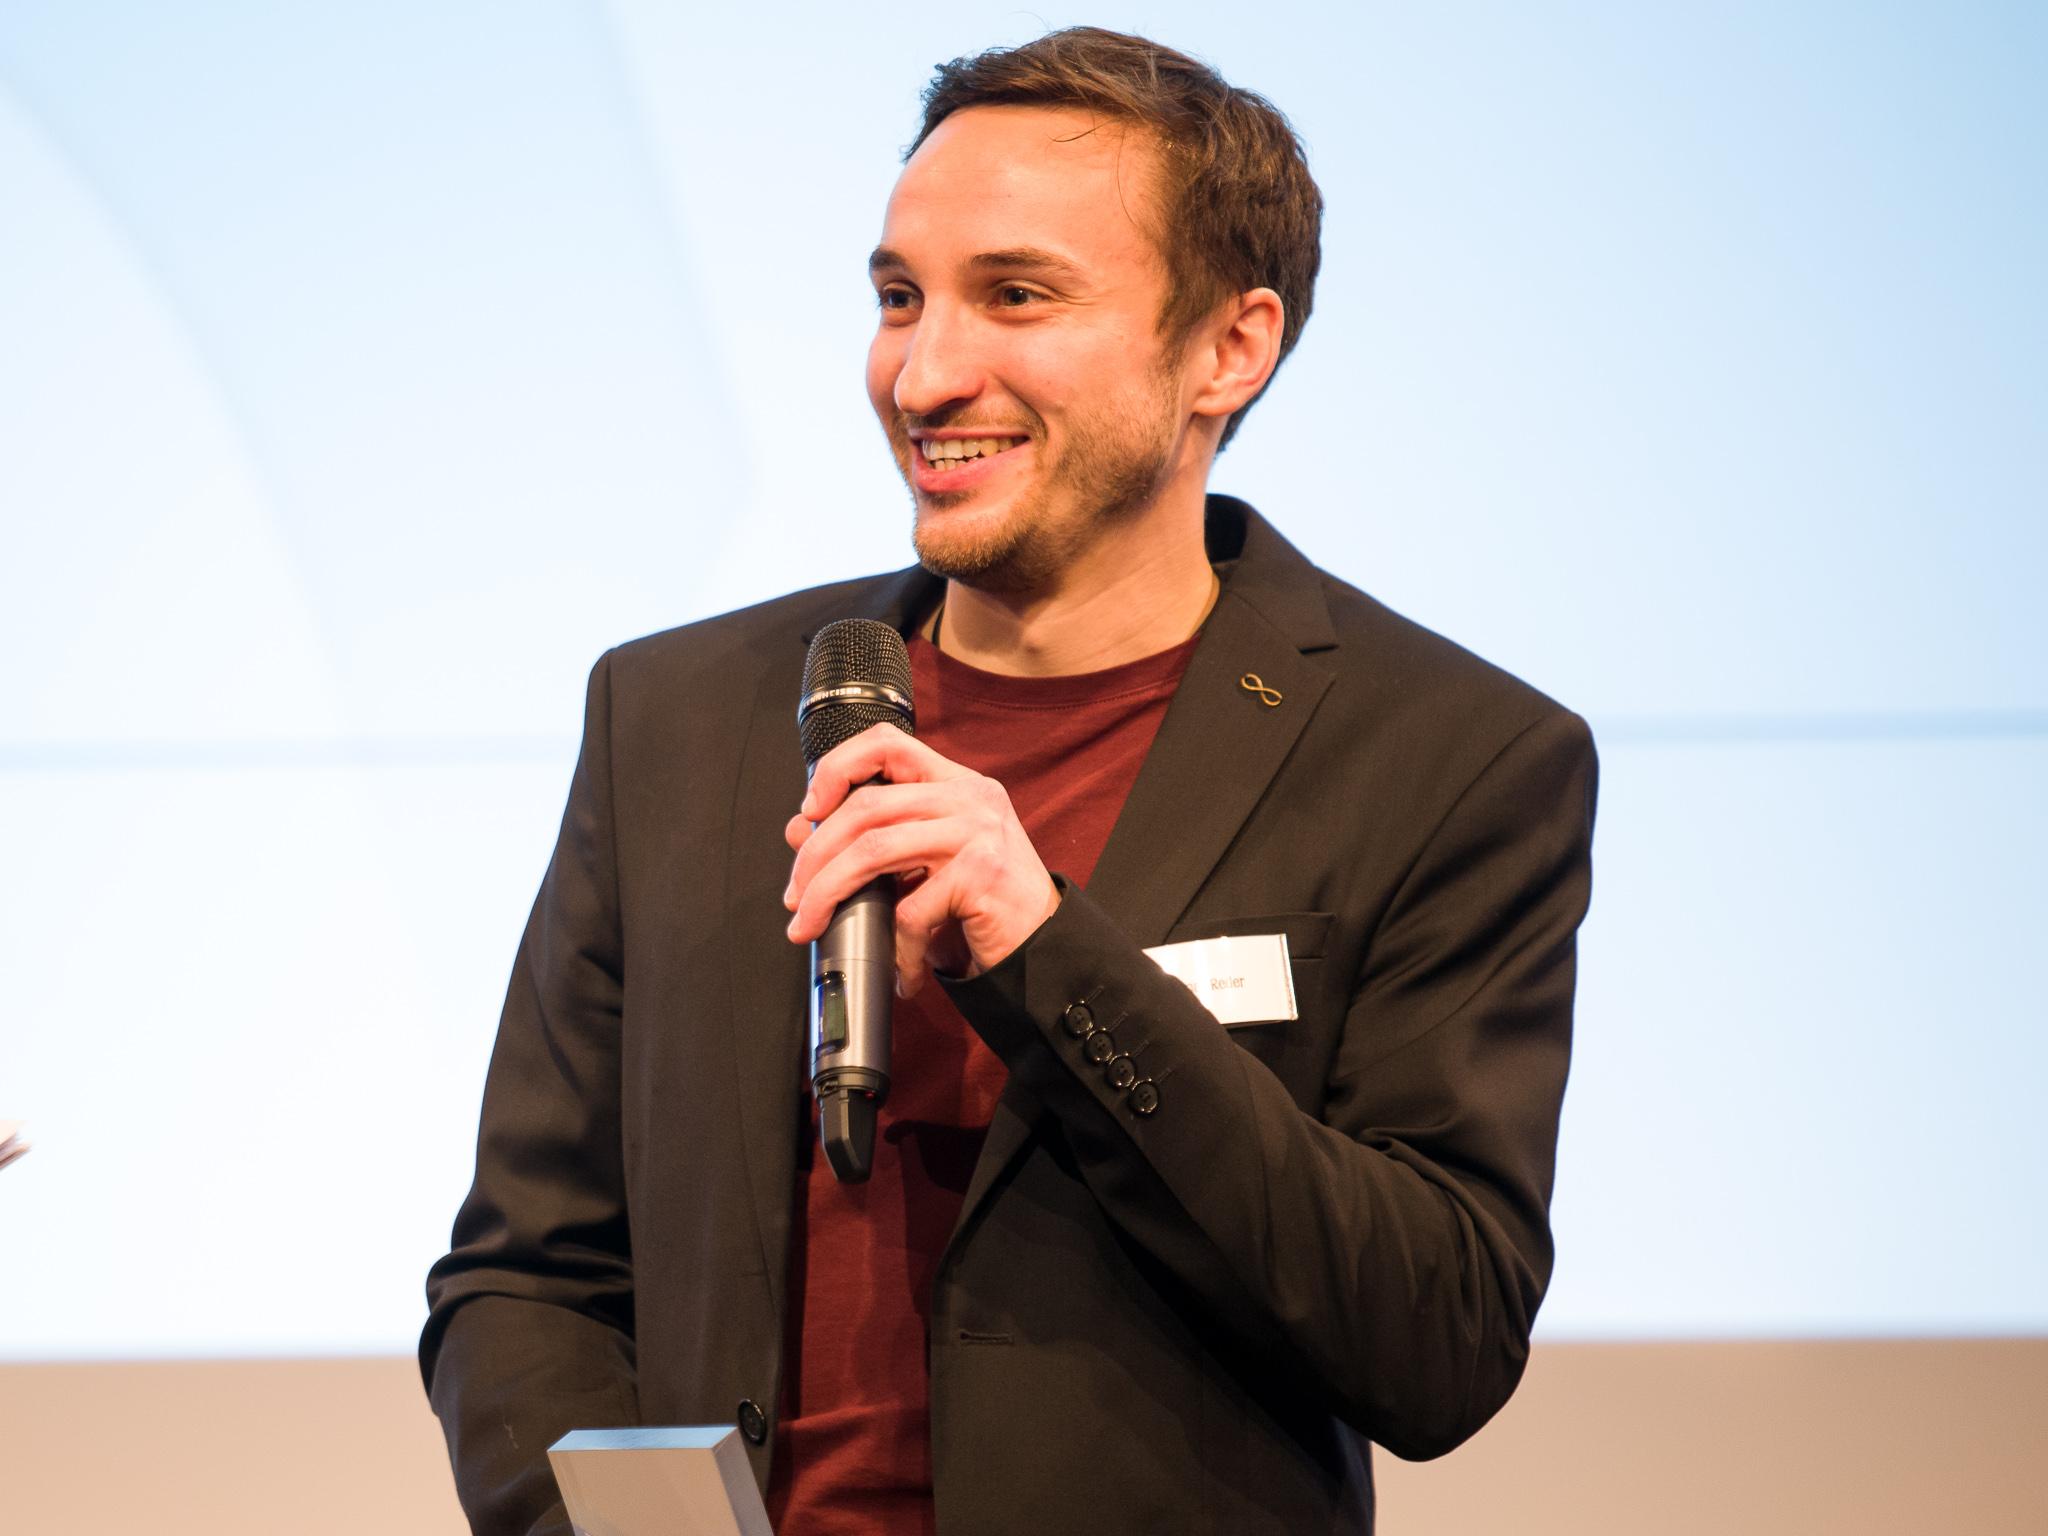 Der 3. Hauptpreis mit 500 Euro ging an Thomas Reder – Rhöner Fußballer. Foto: Pascal Höfig